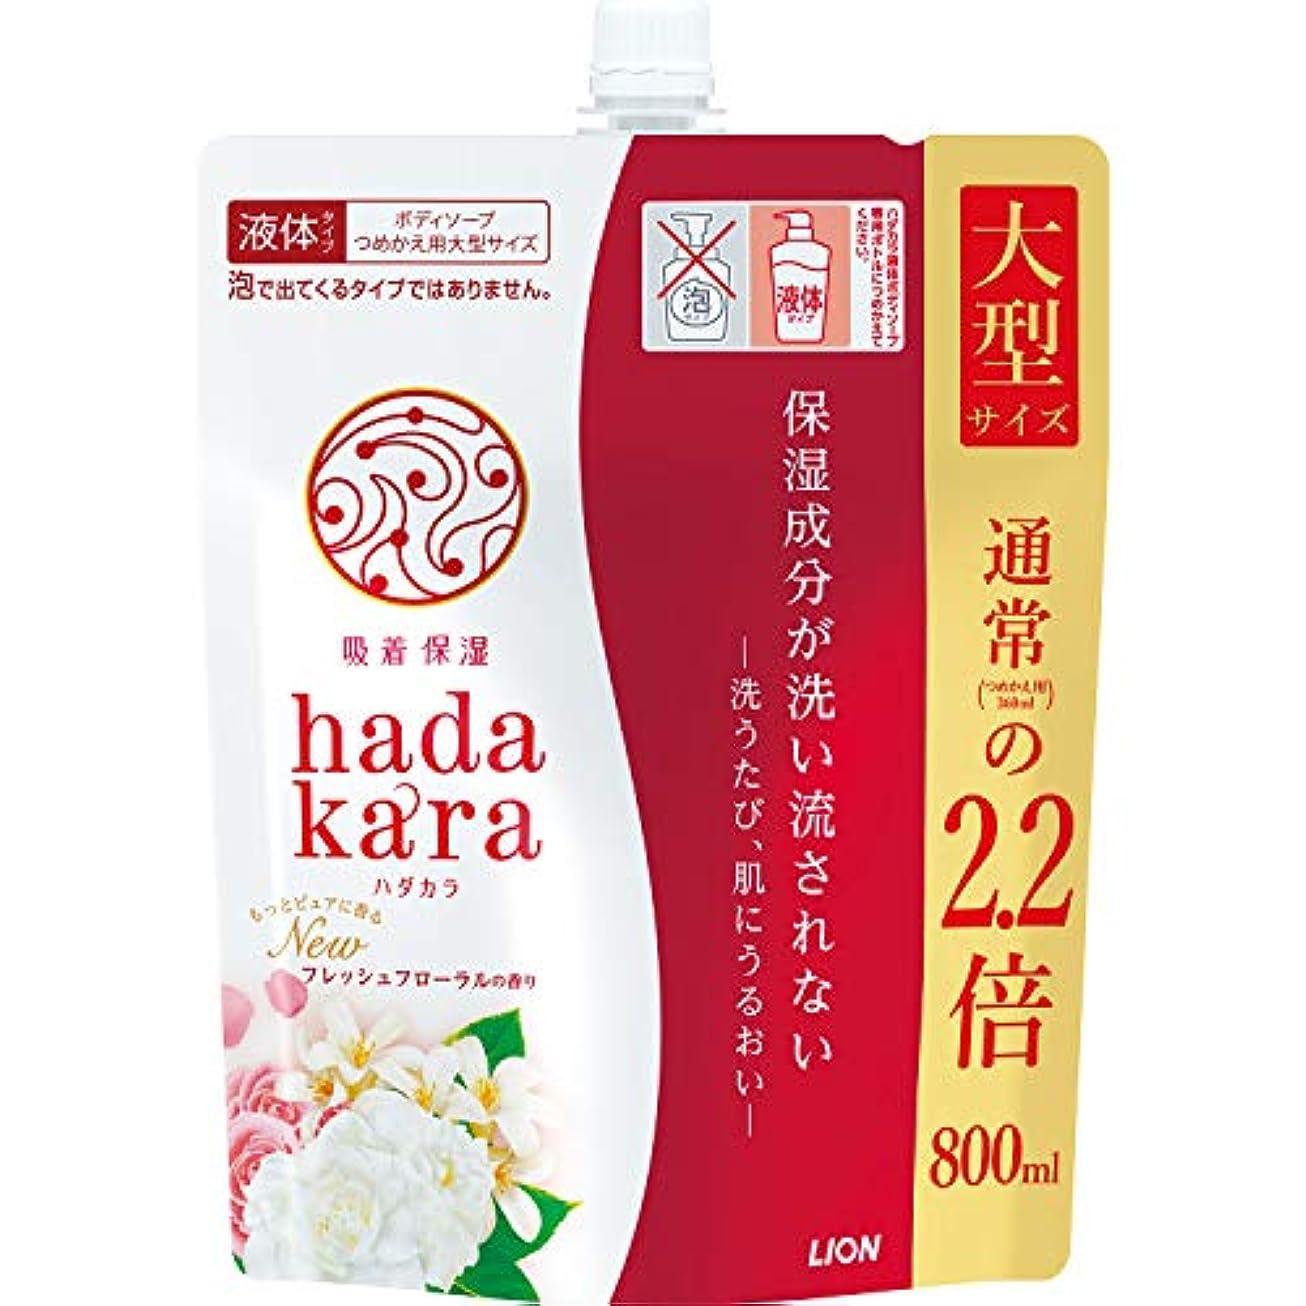 隣人を必要としています浴室hadakara(ハダカラ) ボディソープ フレッシュフローラルの香り つめかえ用大型サイズ 800ml